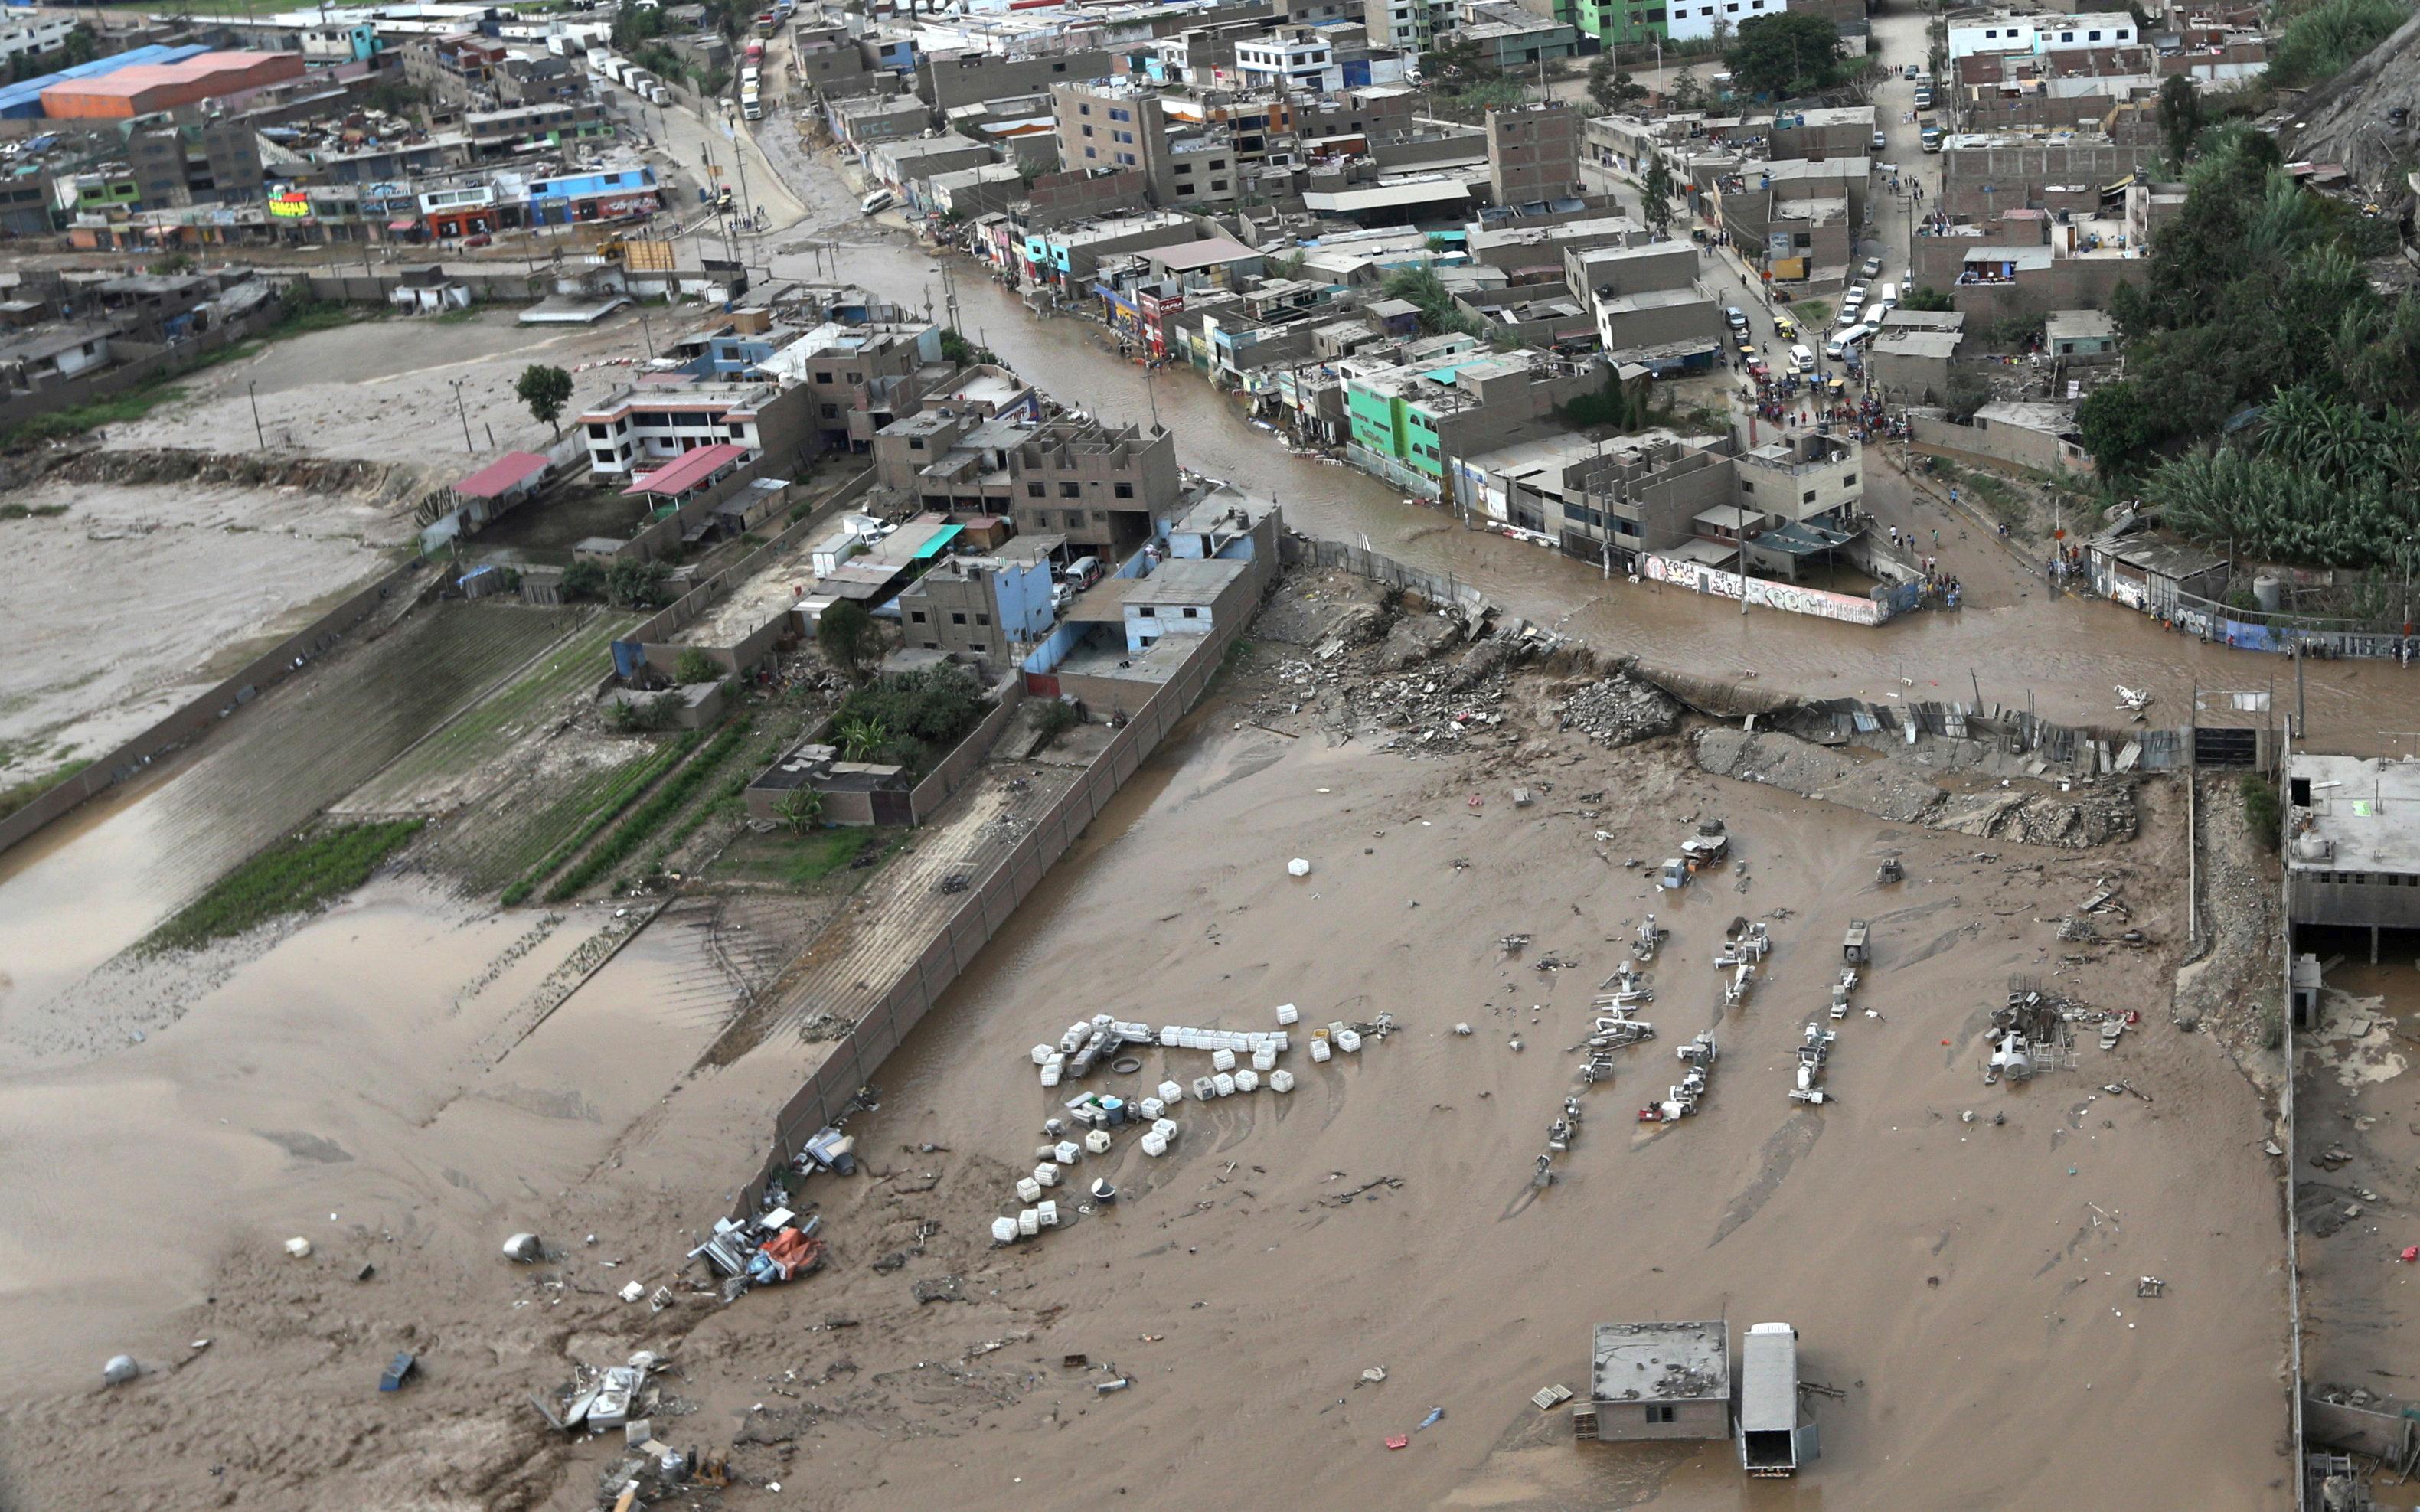 المياه تغمر مئات المنازل